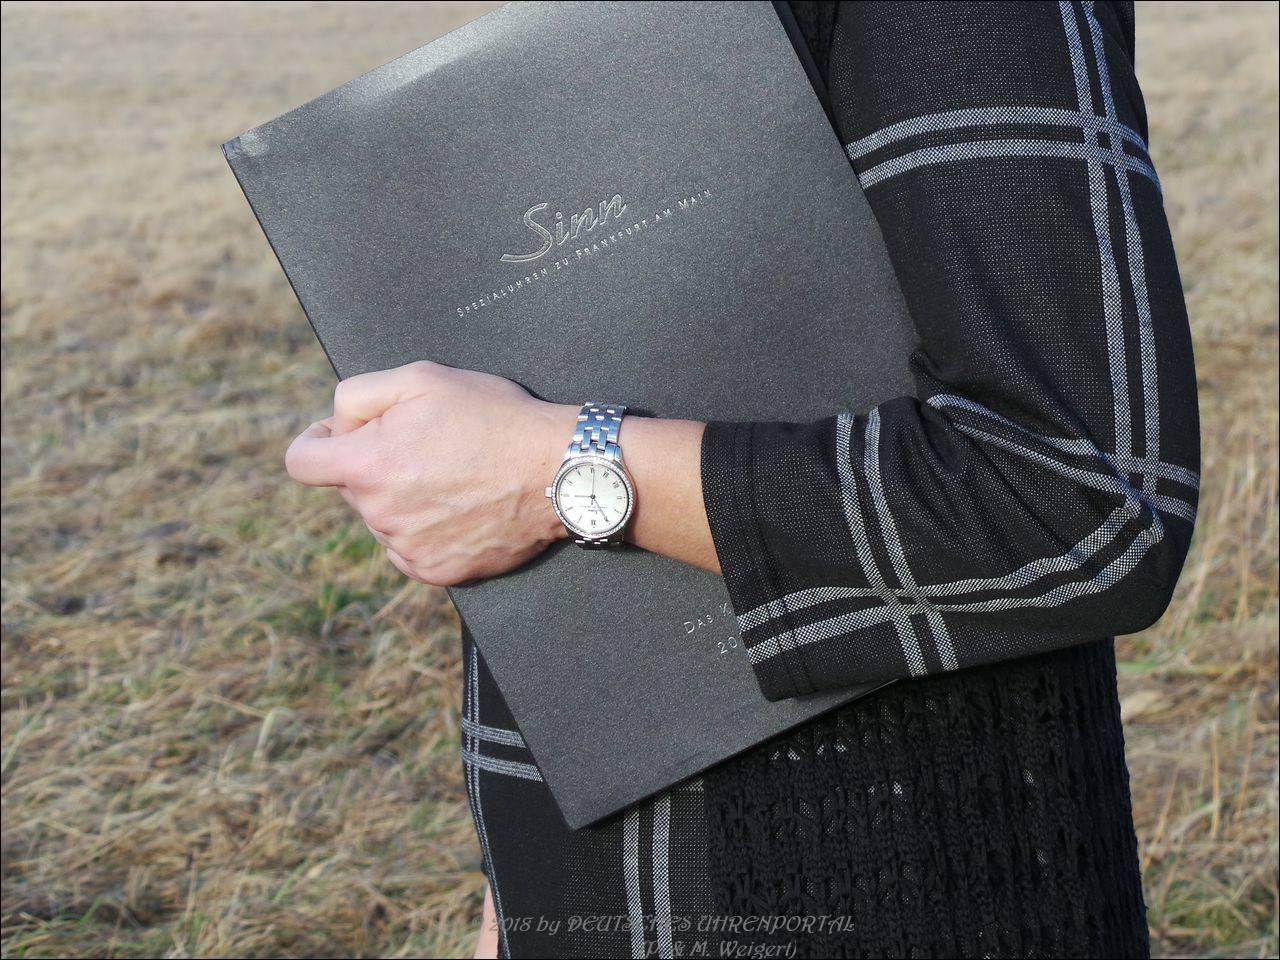 SINN Spezialuhren kann auch schicke Damenuhren: Von uns getestet das Modell 434 TW68 WG Perlmutt W von SINN Spezialuhren.